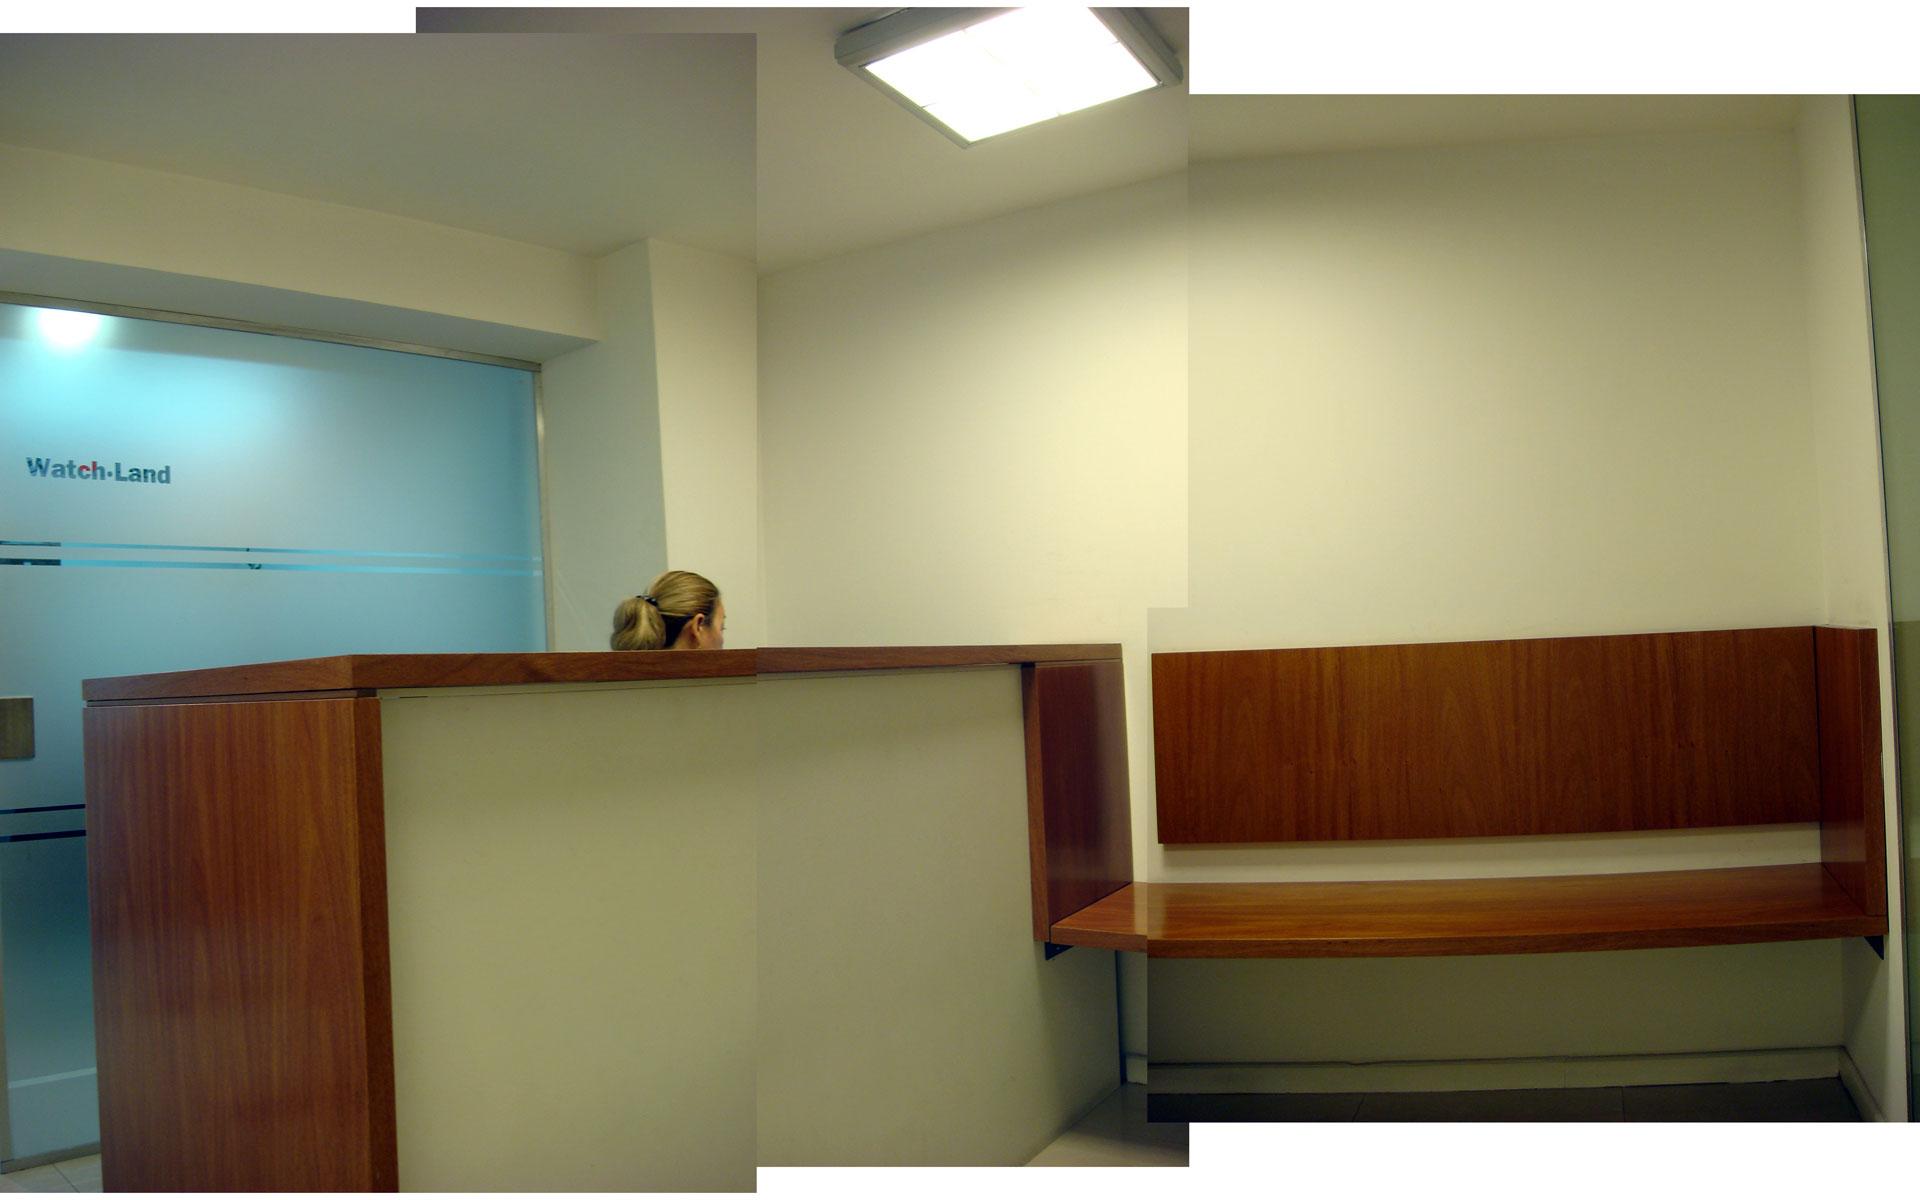 diseño interior, reforma oficina, mueble recepción